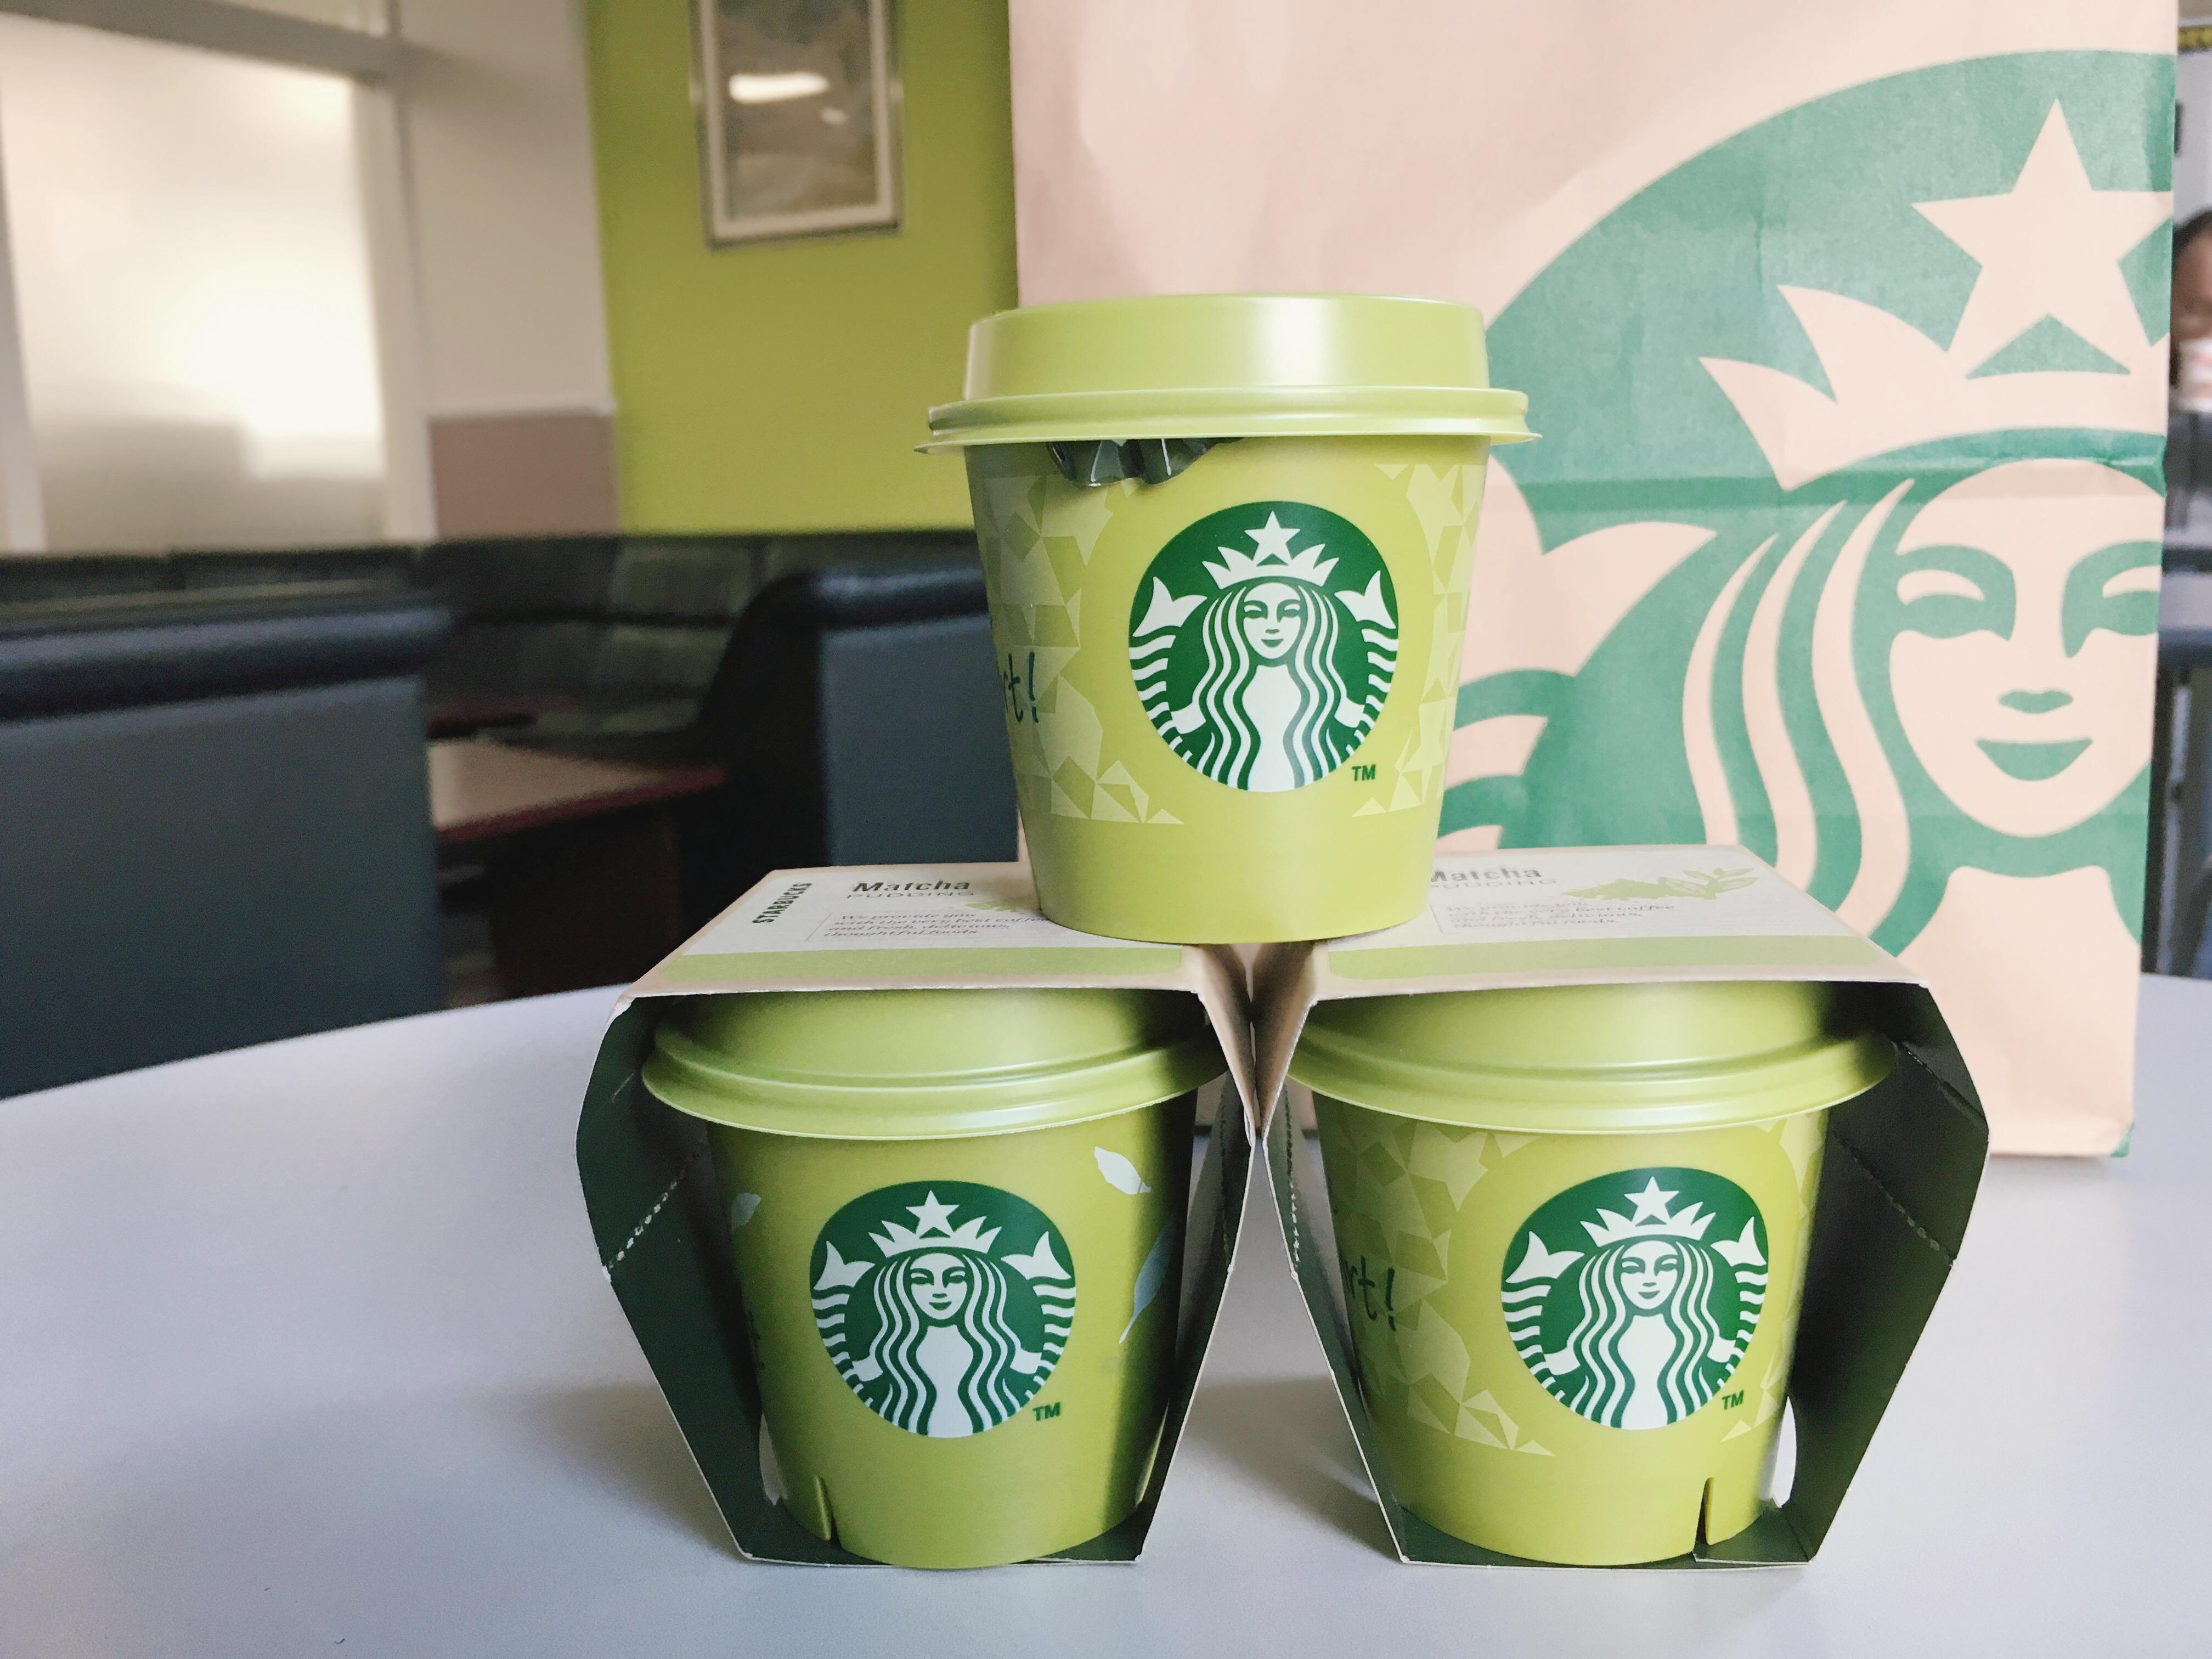 【4月1日更新】スタバ新作抹茶プリンが登場!気になる味とカップのデザインをチェック◎